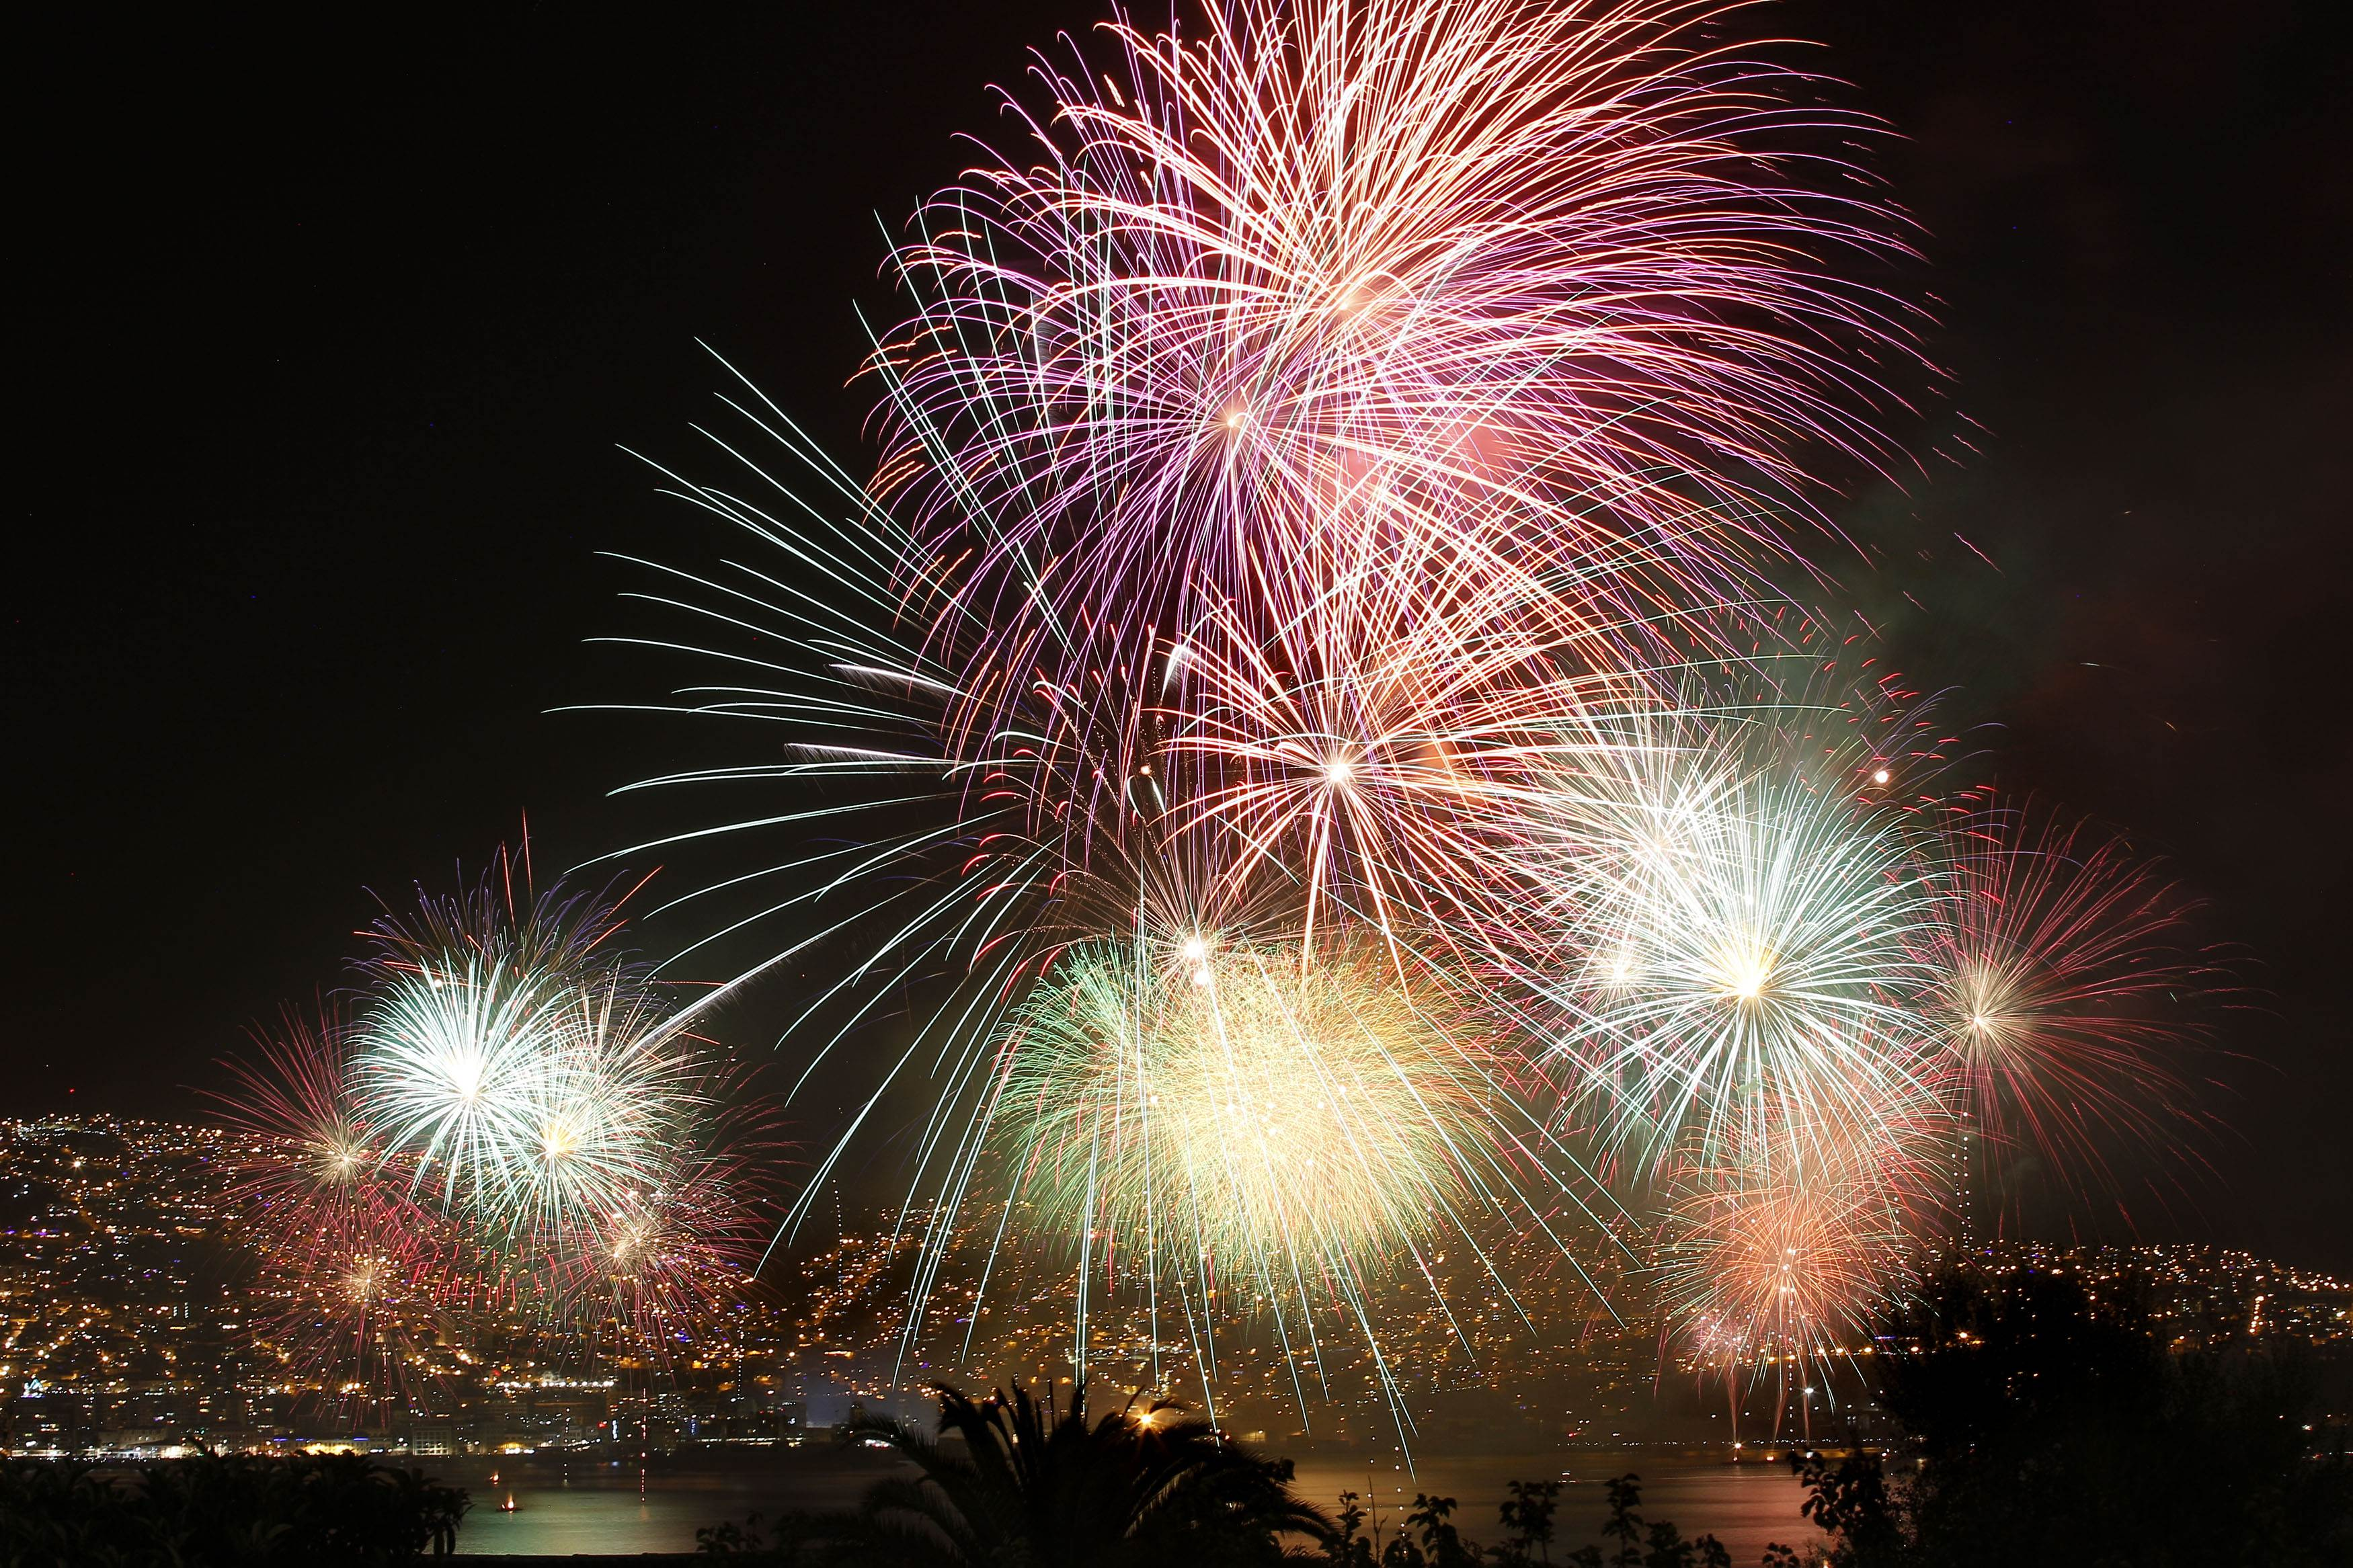 9 травня - свято День Перемоги - привітання, прикмети